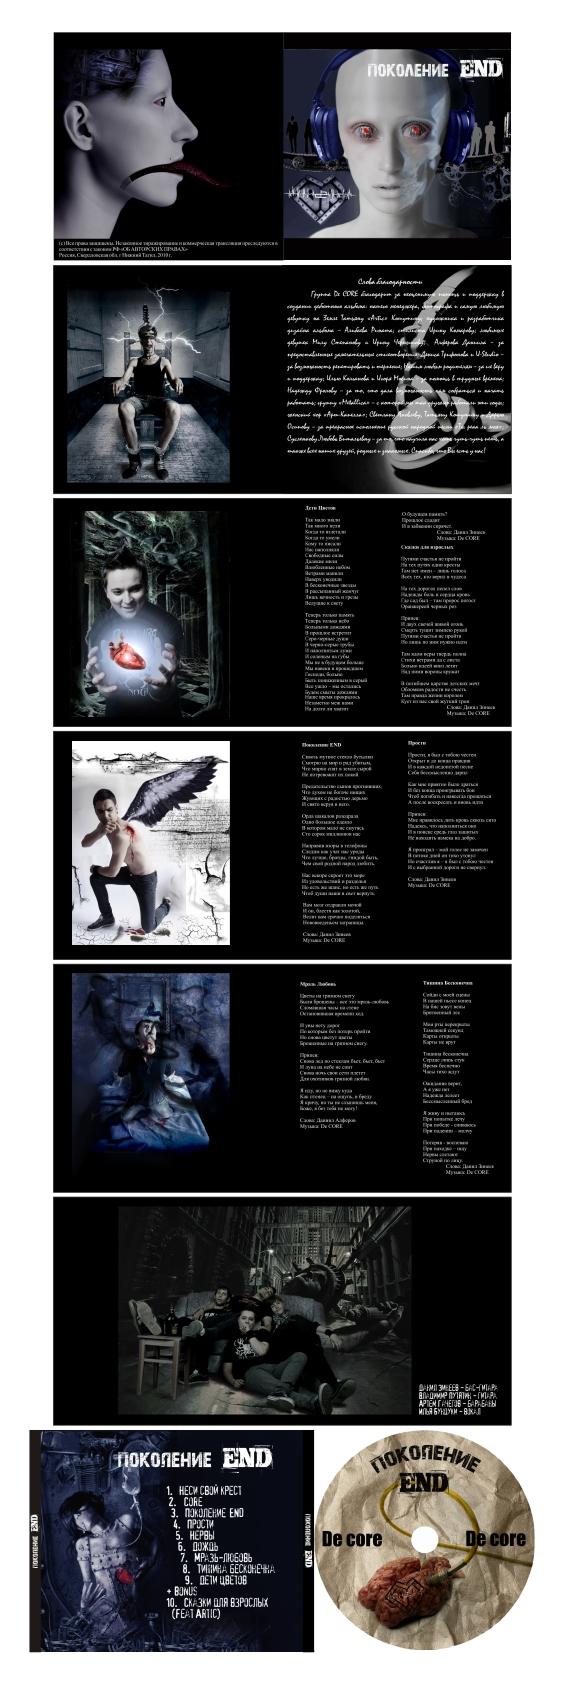 """Разработка дизайна обложки и диска для группы """"De core"""""""